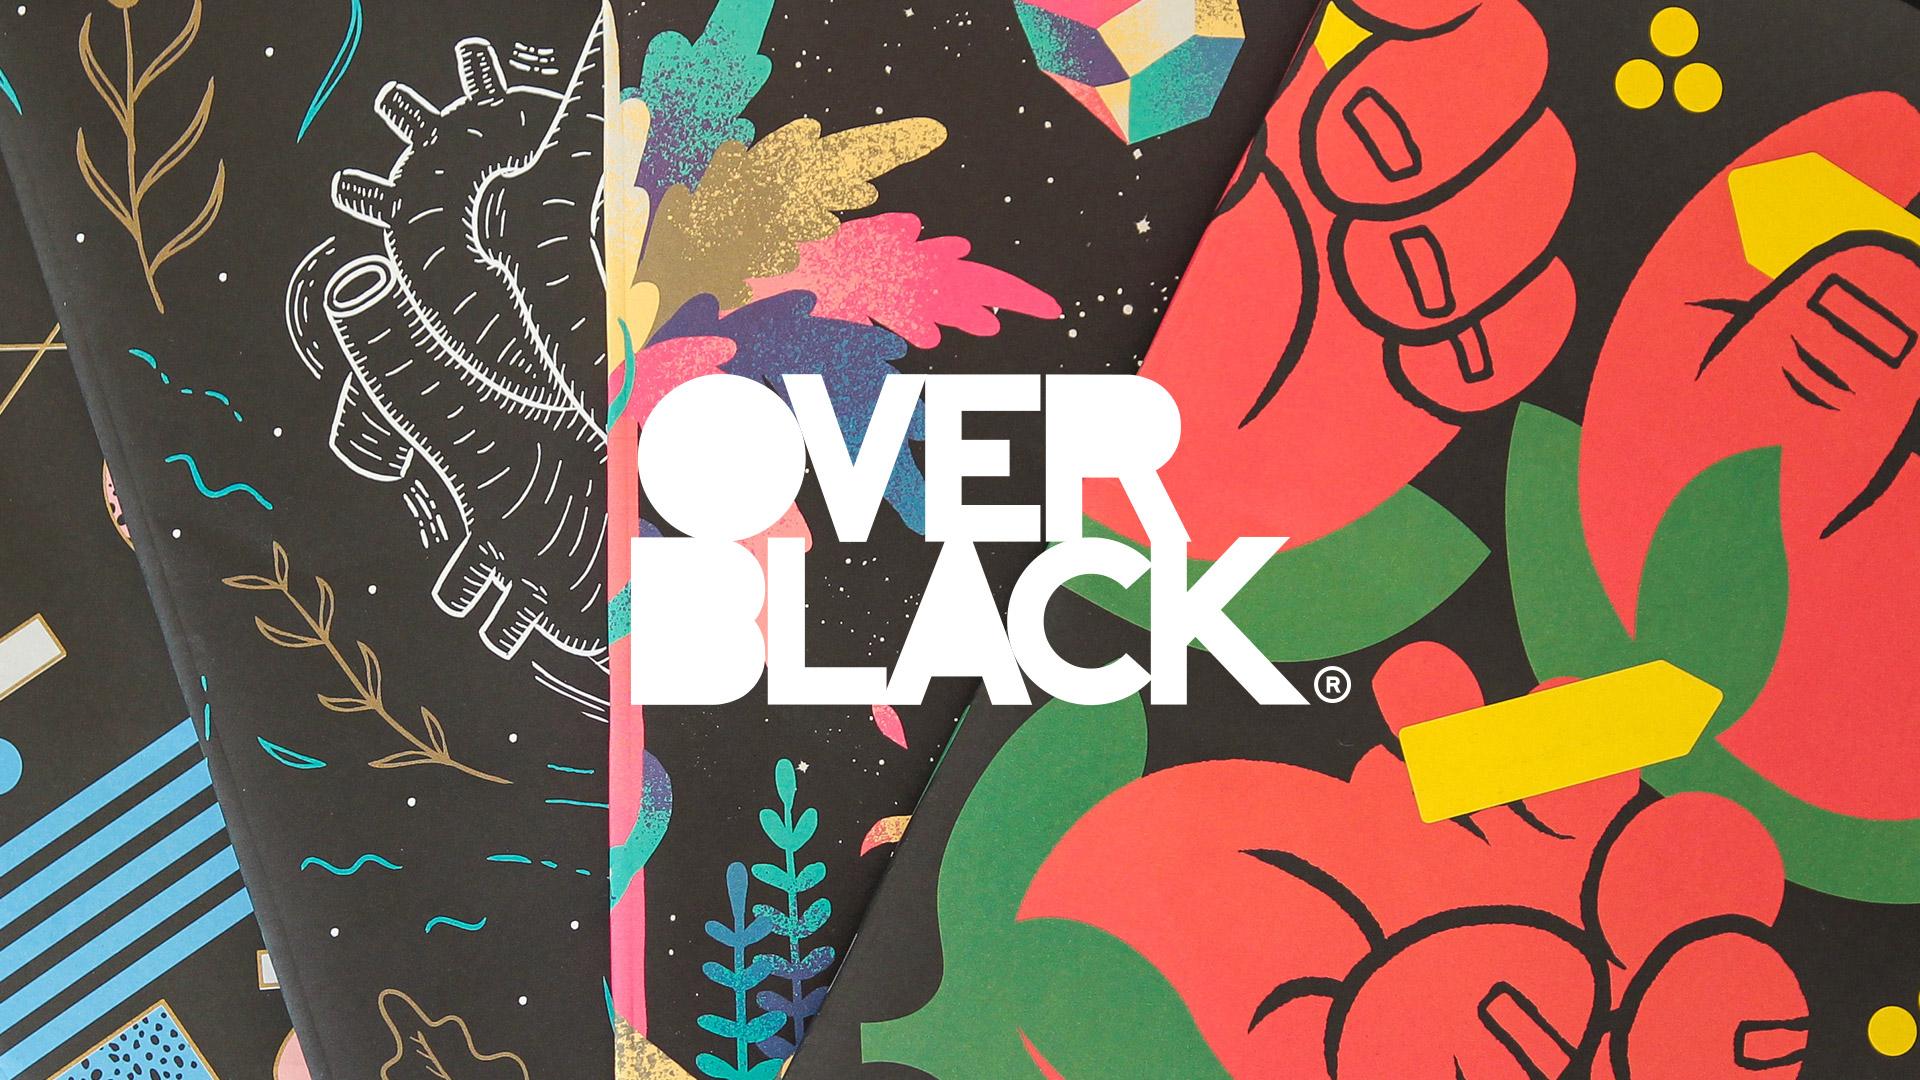 overblack